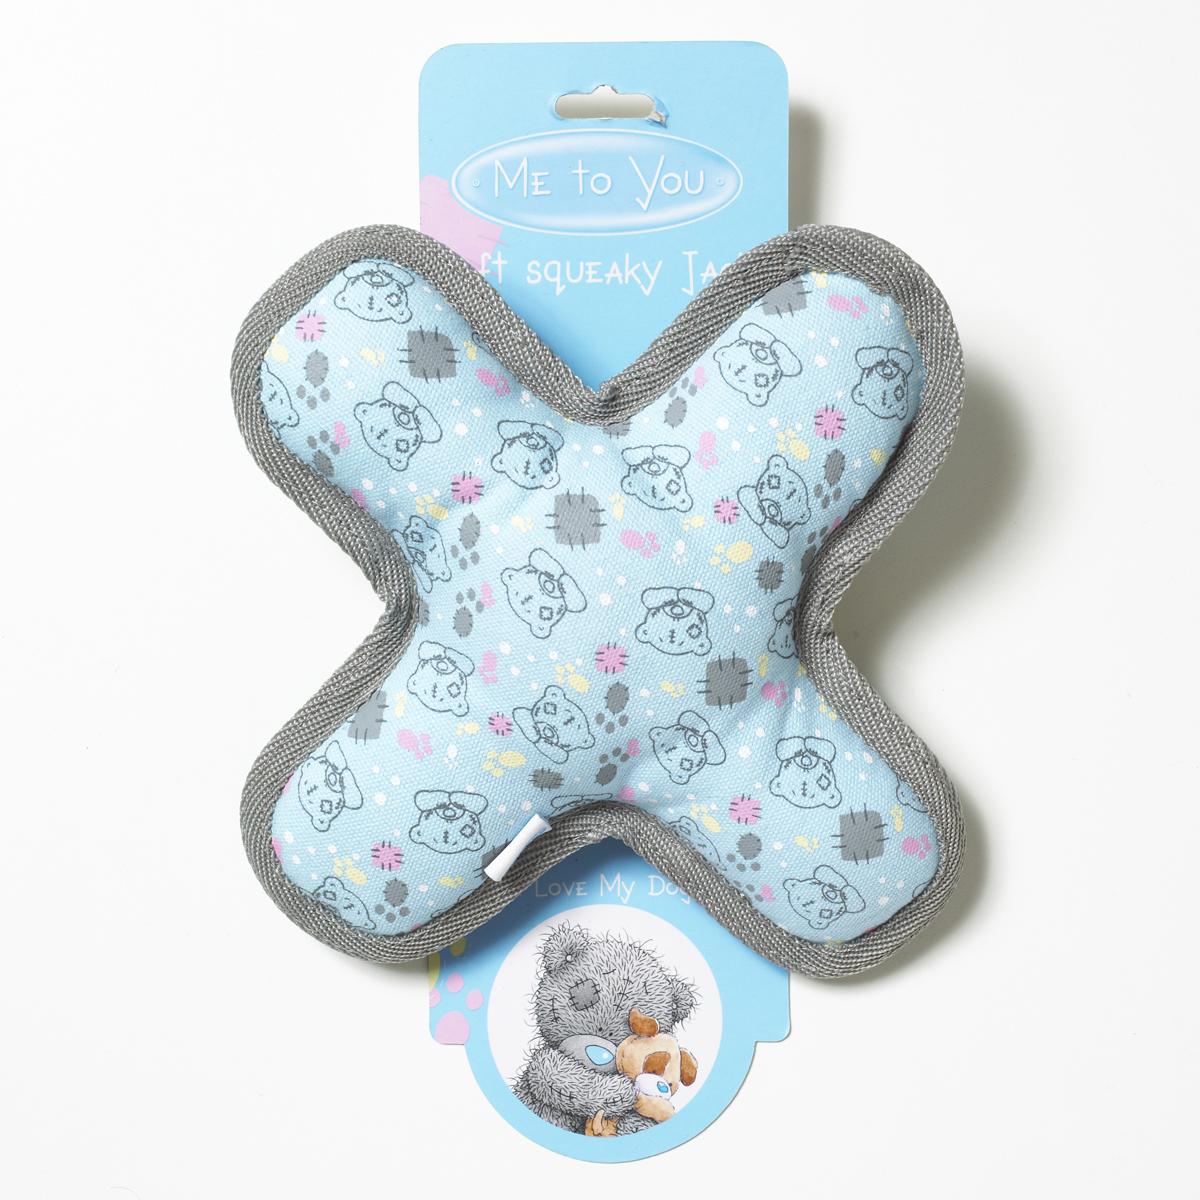 Игрушка для собак Me To You Крестик-пищалка7003Игрушка для собак Me To You Крестик-пищалка обязательно понравится вашему питомцу. Игрушка выполнена в виде креста и украшена изображениями мишек Тедди от Me To You. Крестик изготовлен из плотного текстиля, внутри - мягкий полиэстеровый наполнитель. В игрушку вшита пищалка, что привлечет внимание вашего питомца. Звук пищалки негромкий и не испугает собаку. Игрушка подходит для щенков и собак некрупных пород.